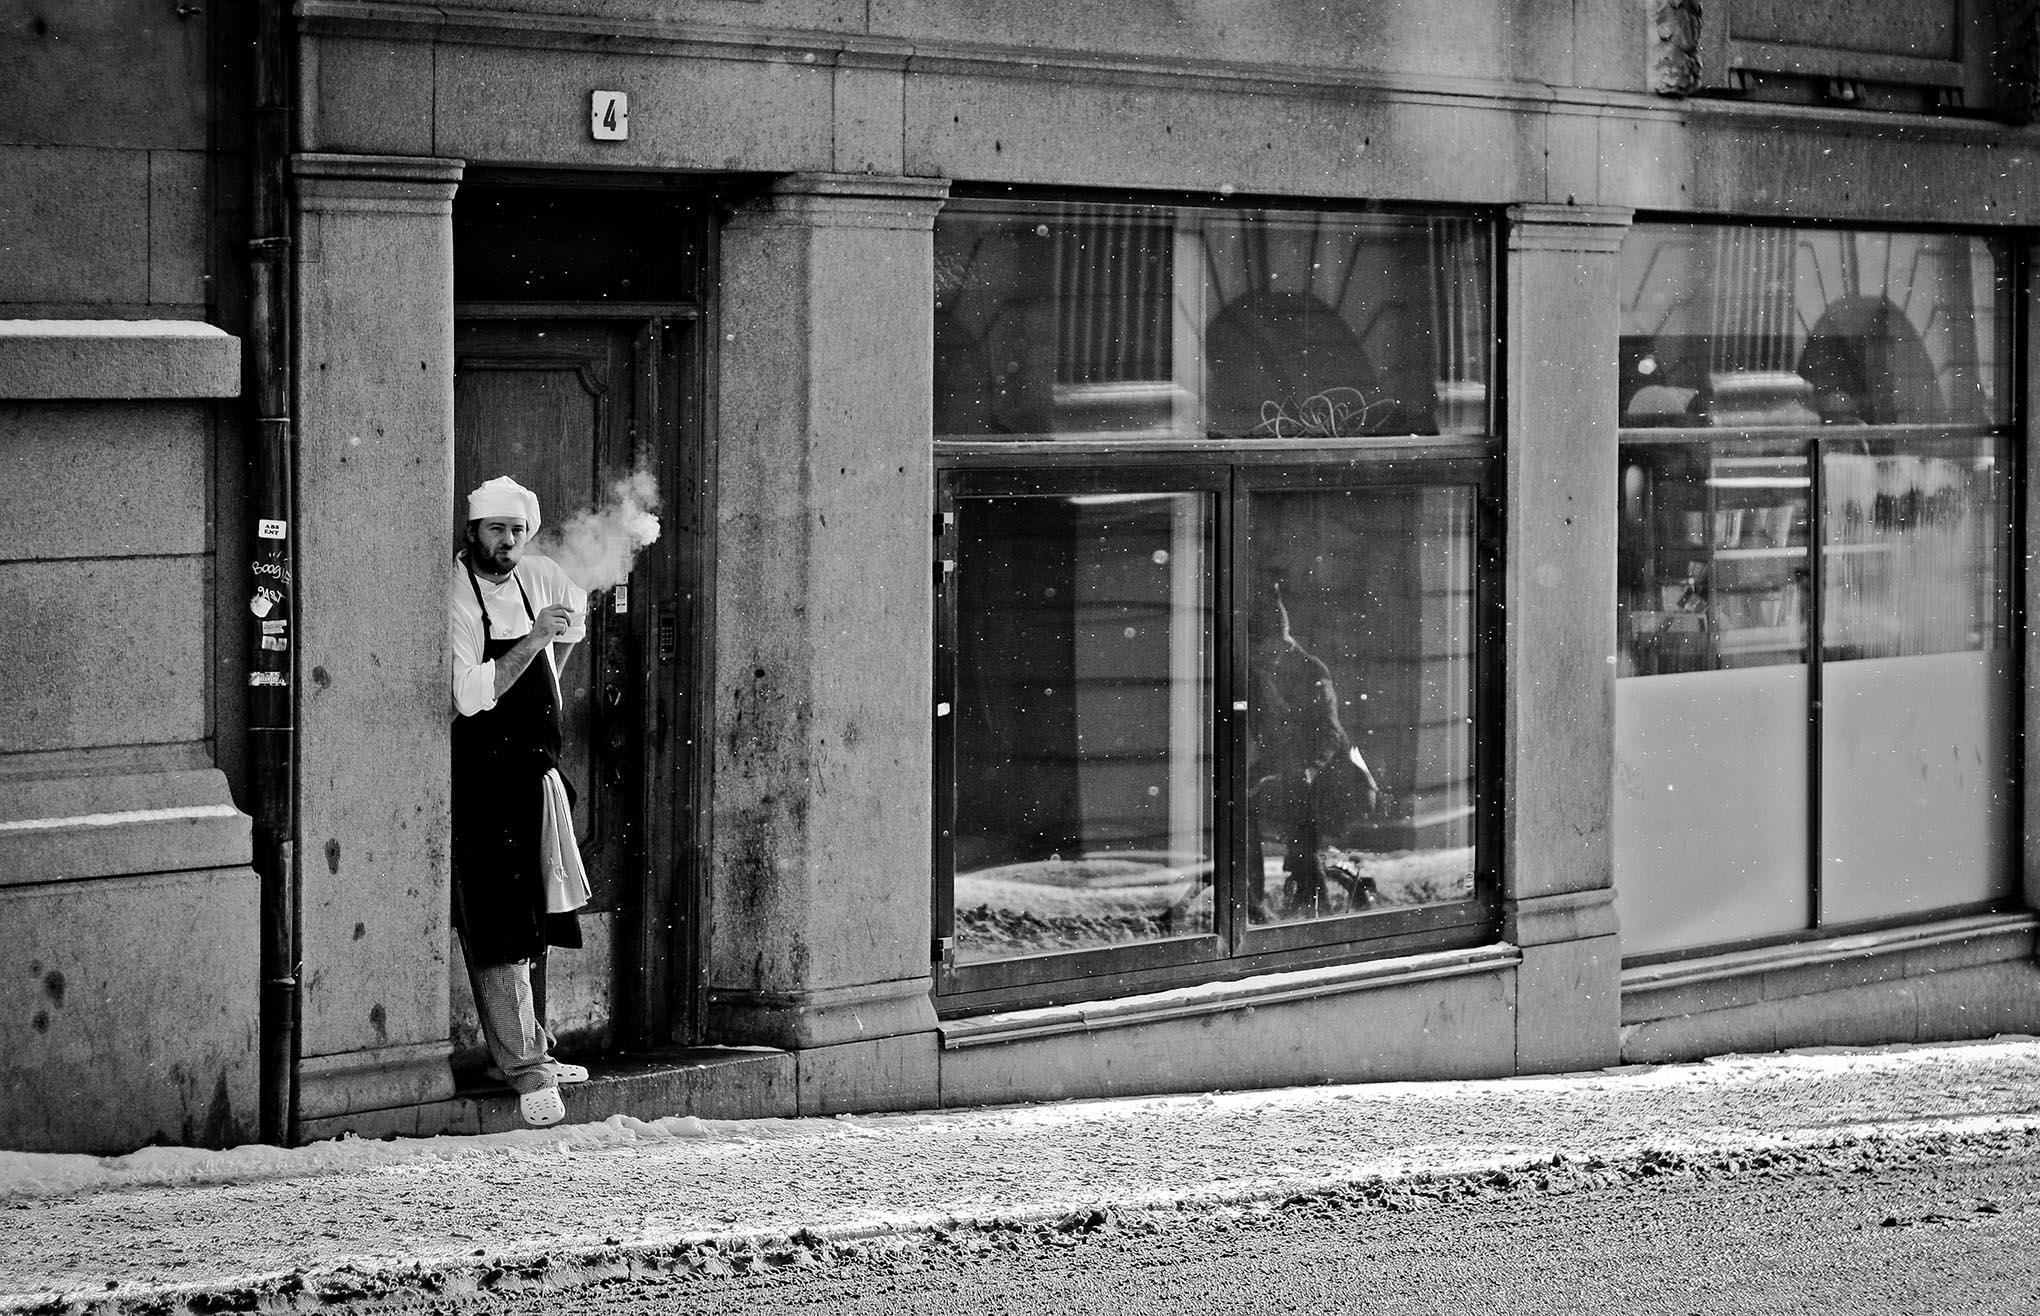 Een kok rookt een sigaret terwijl het sneeuwt in de straten van Stockholm.